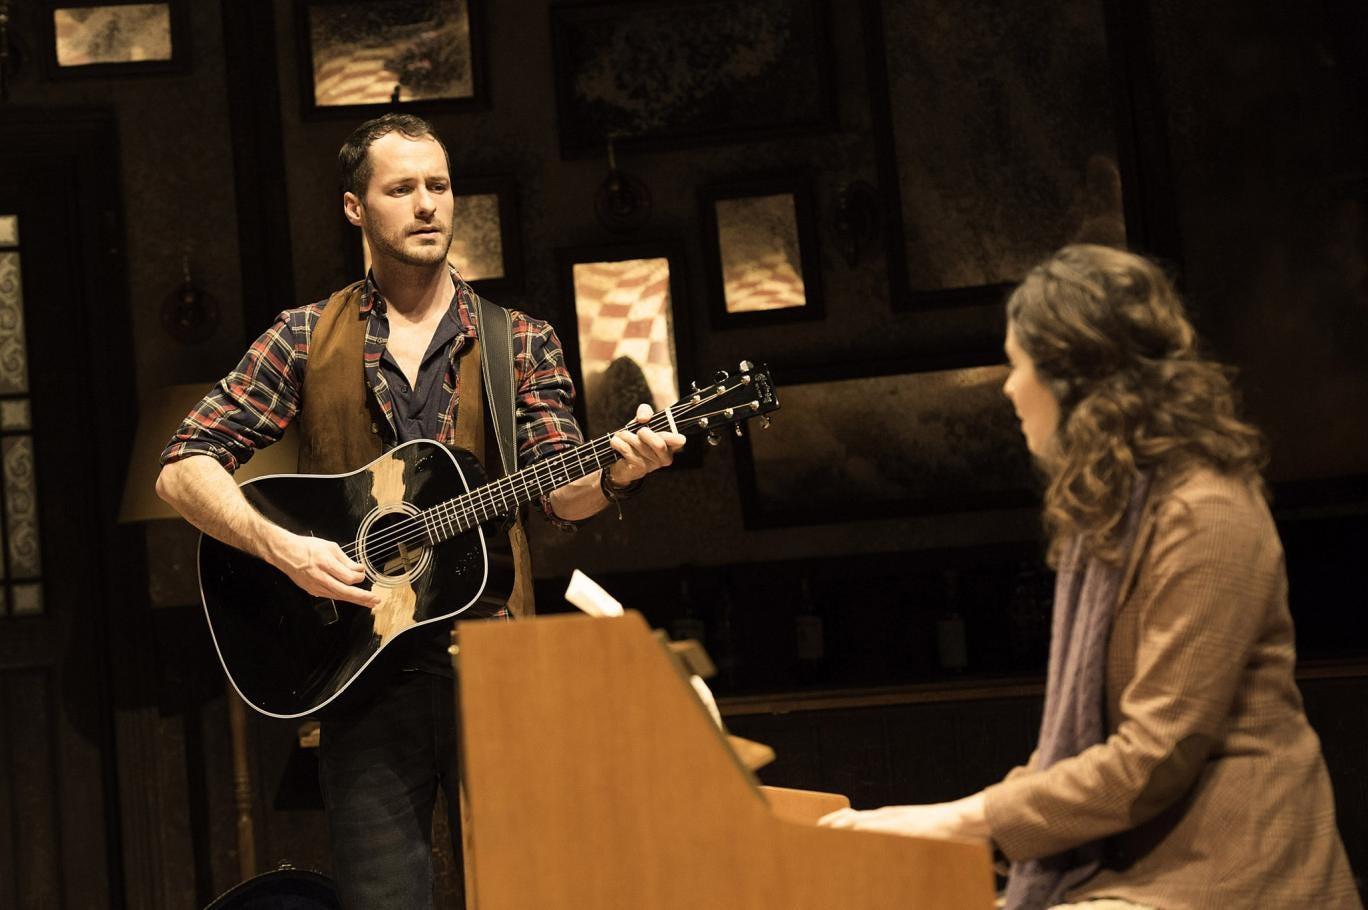 Declan Bennett and Zrinka Cvitesic in musical 'Once'